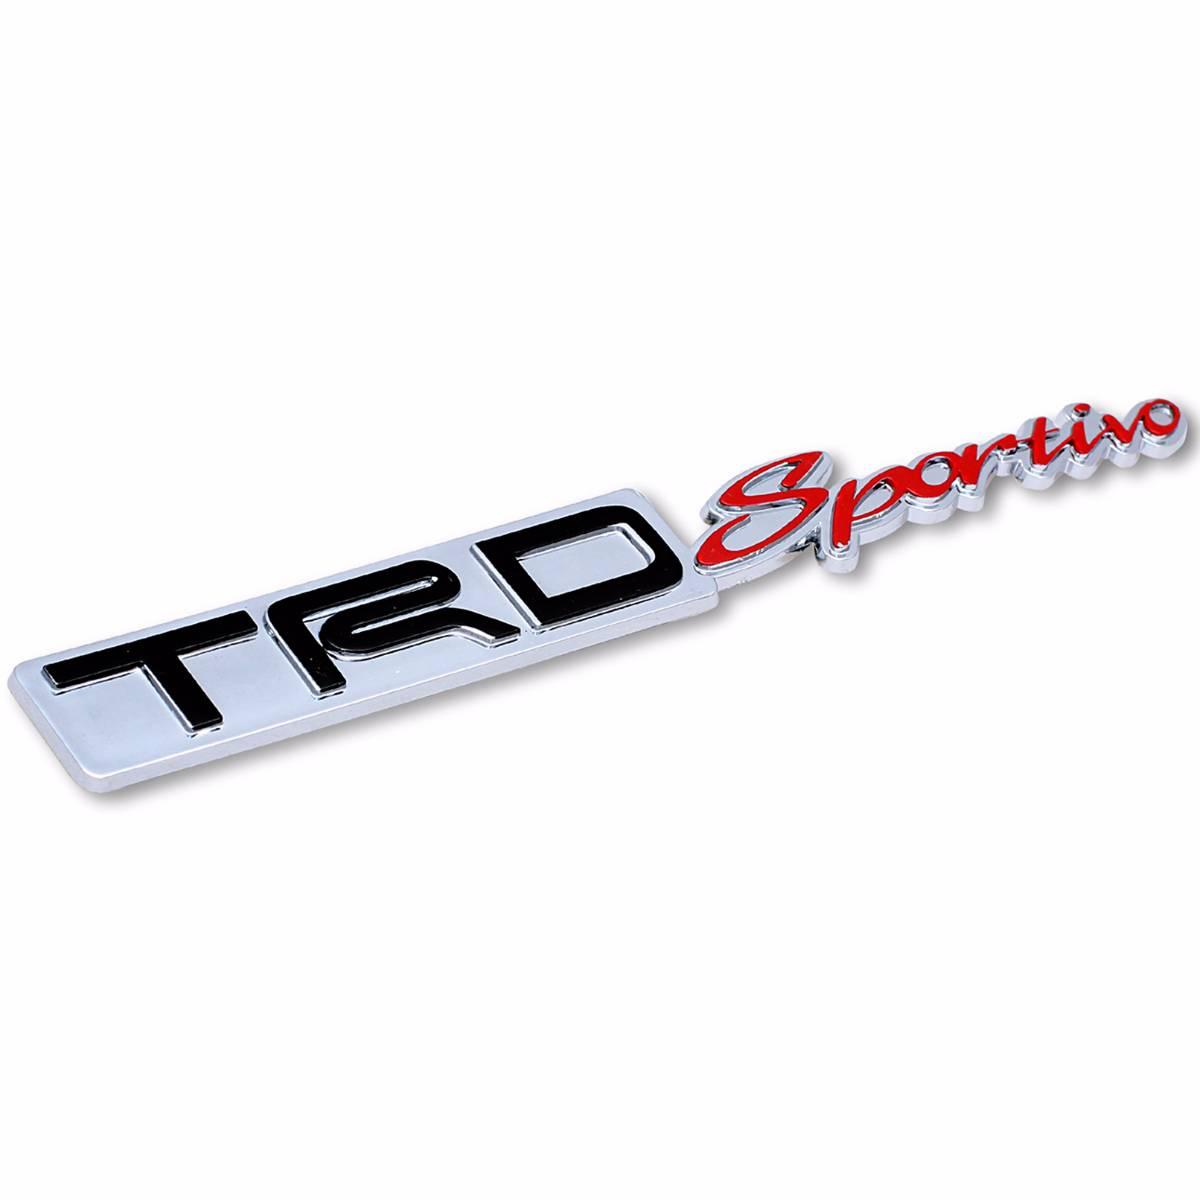 Emblem Logo Trd Sportivo - Embose Chrome